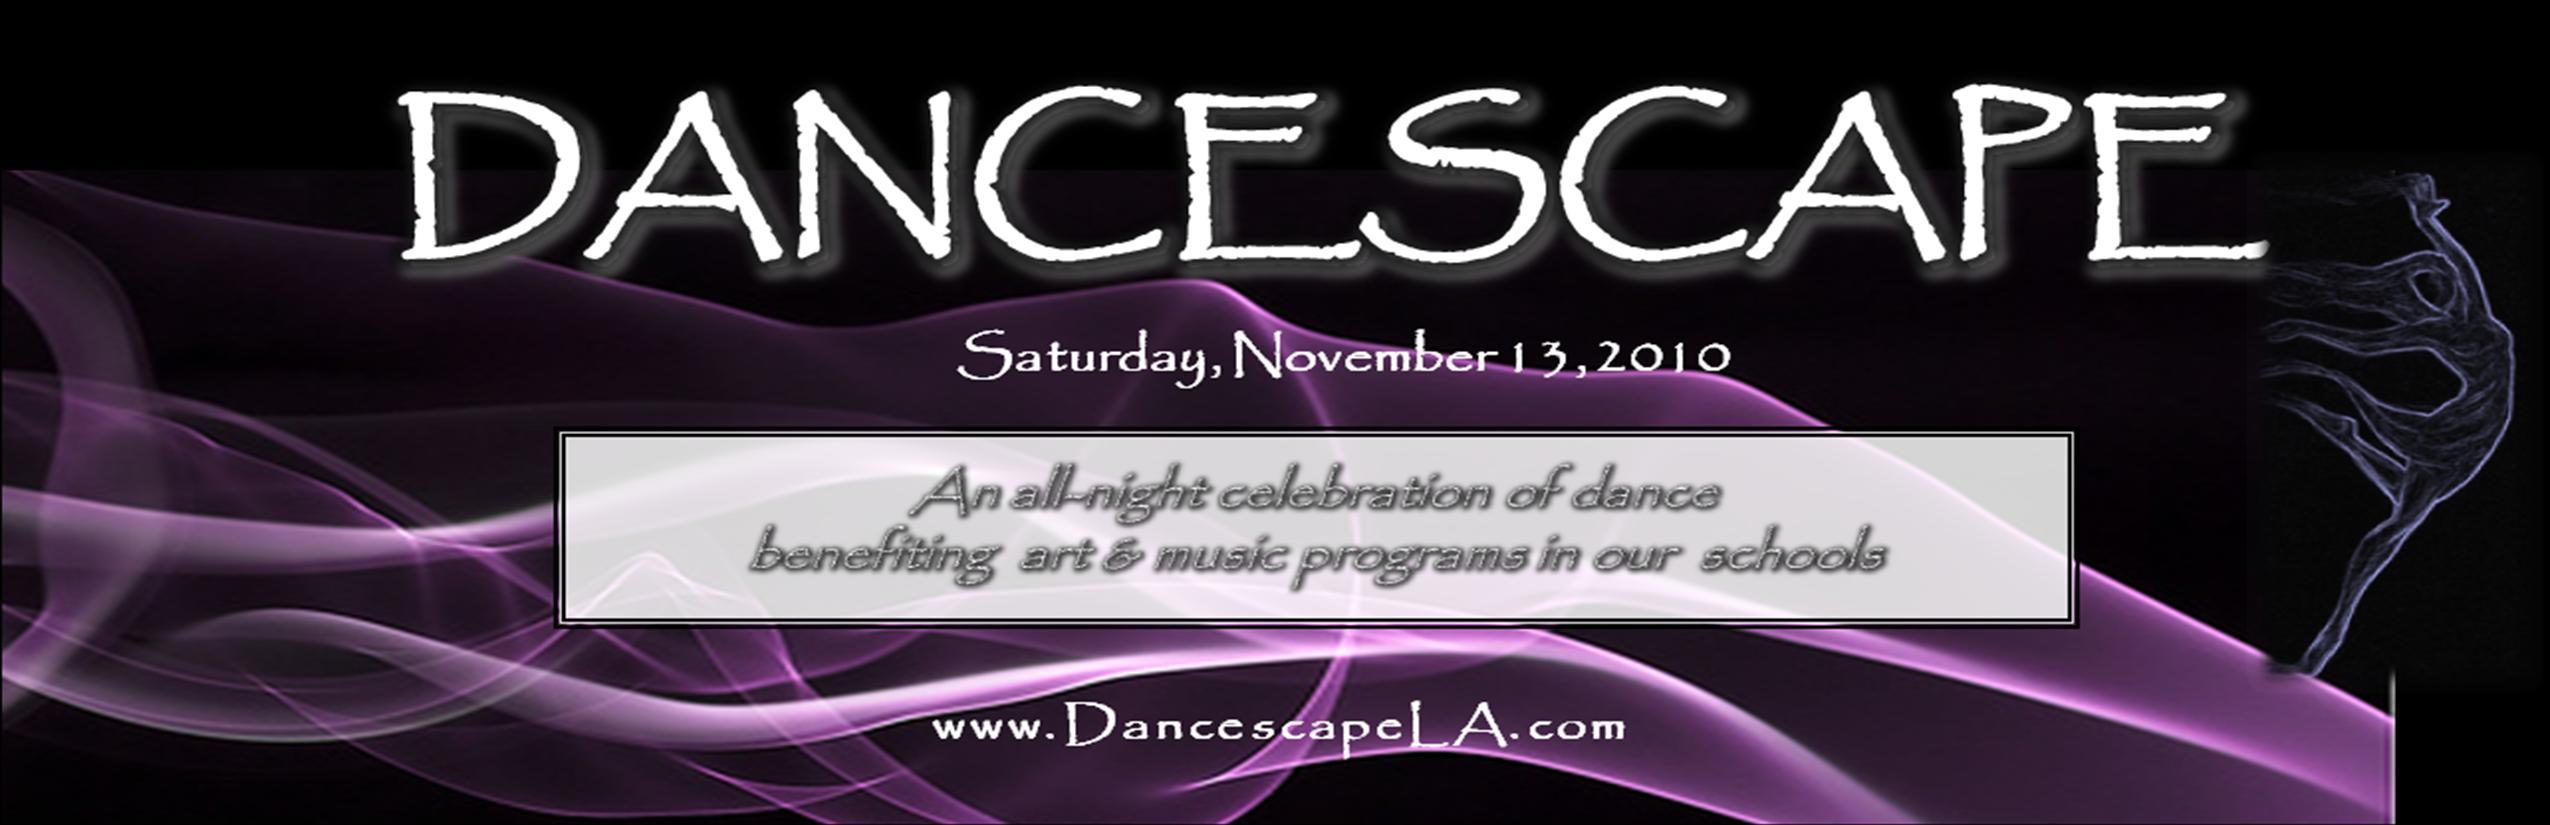 Dancescape XI Flyer